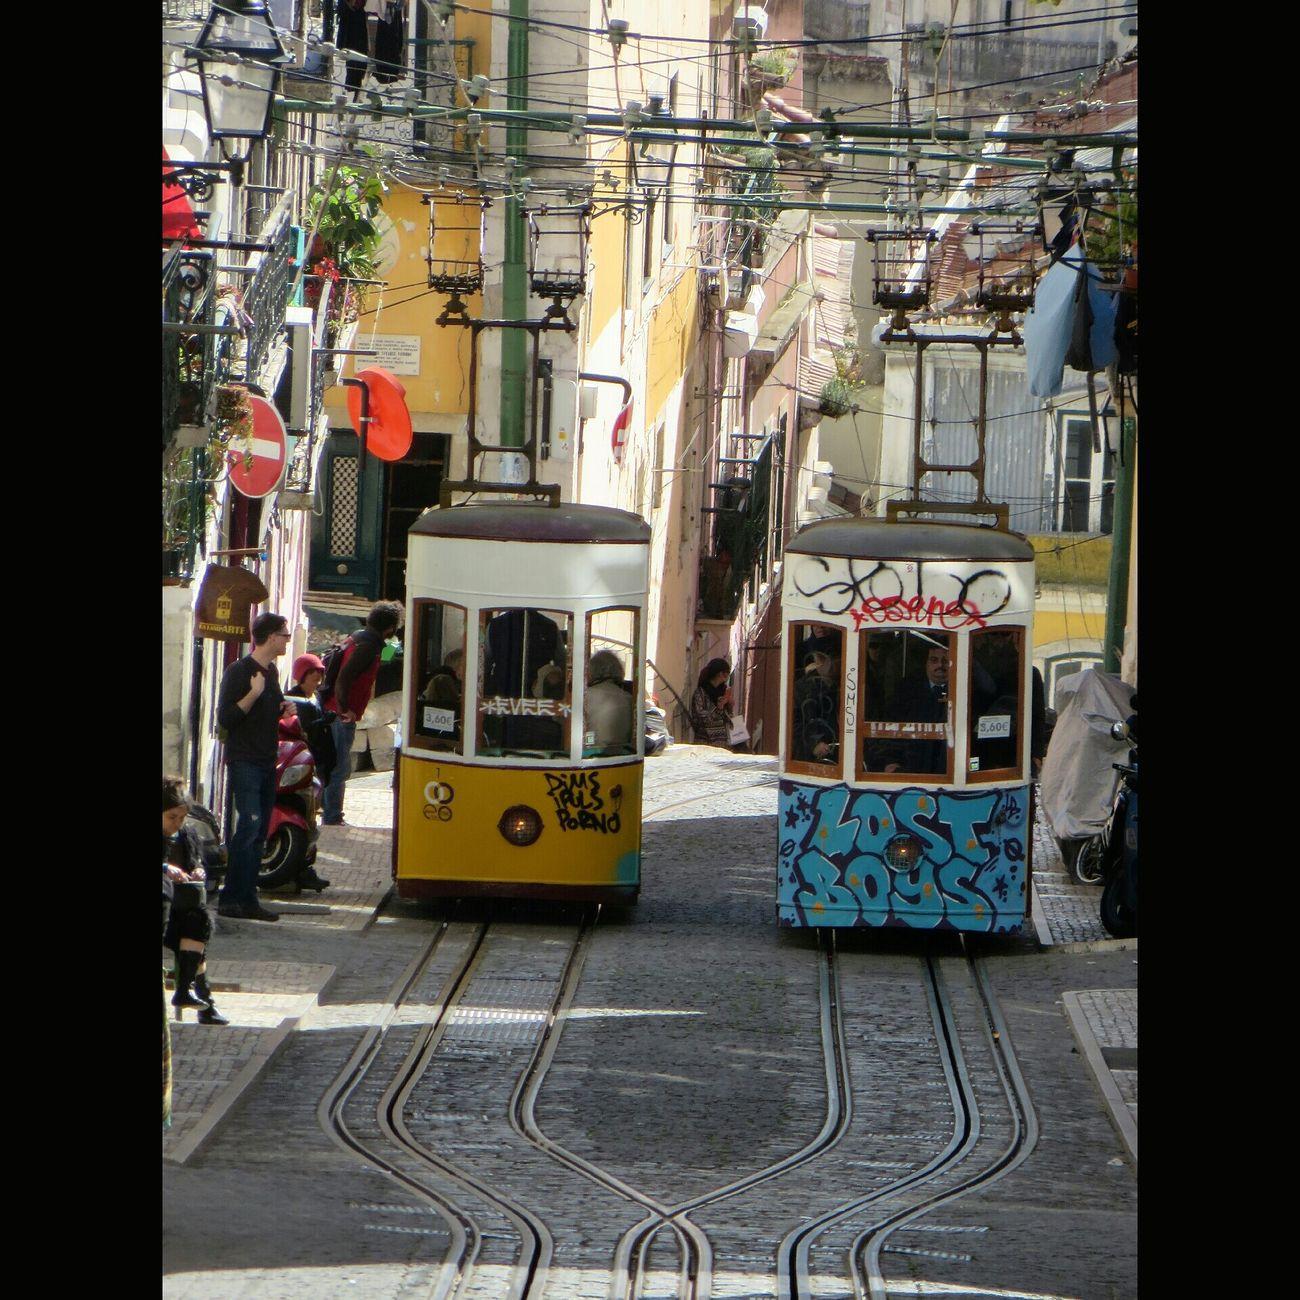 1... 2... 3... gooo... corrida de elevadores... quem va ganhar... Lisboa Lisbon P3top Publicop3 Lisboa Portugal E28 Elétrico Tram Portraits Vscodaily Emotion_daily